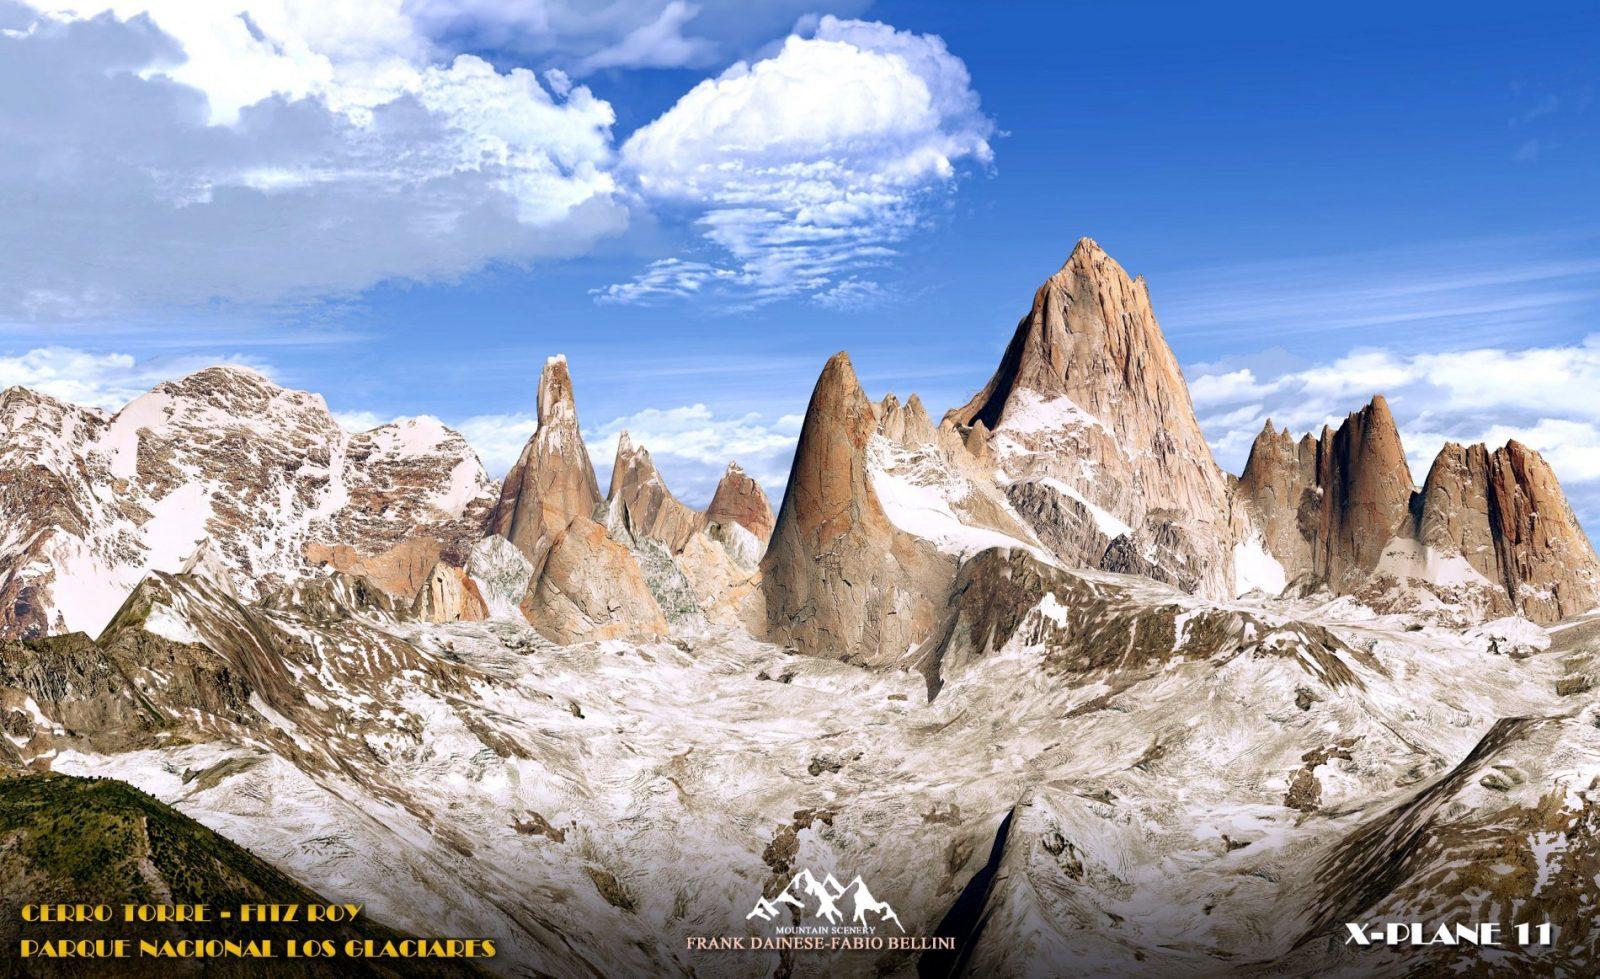 frank-dainese-fabio-bellini-cerro-torre-